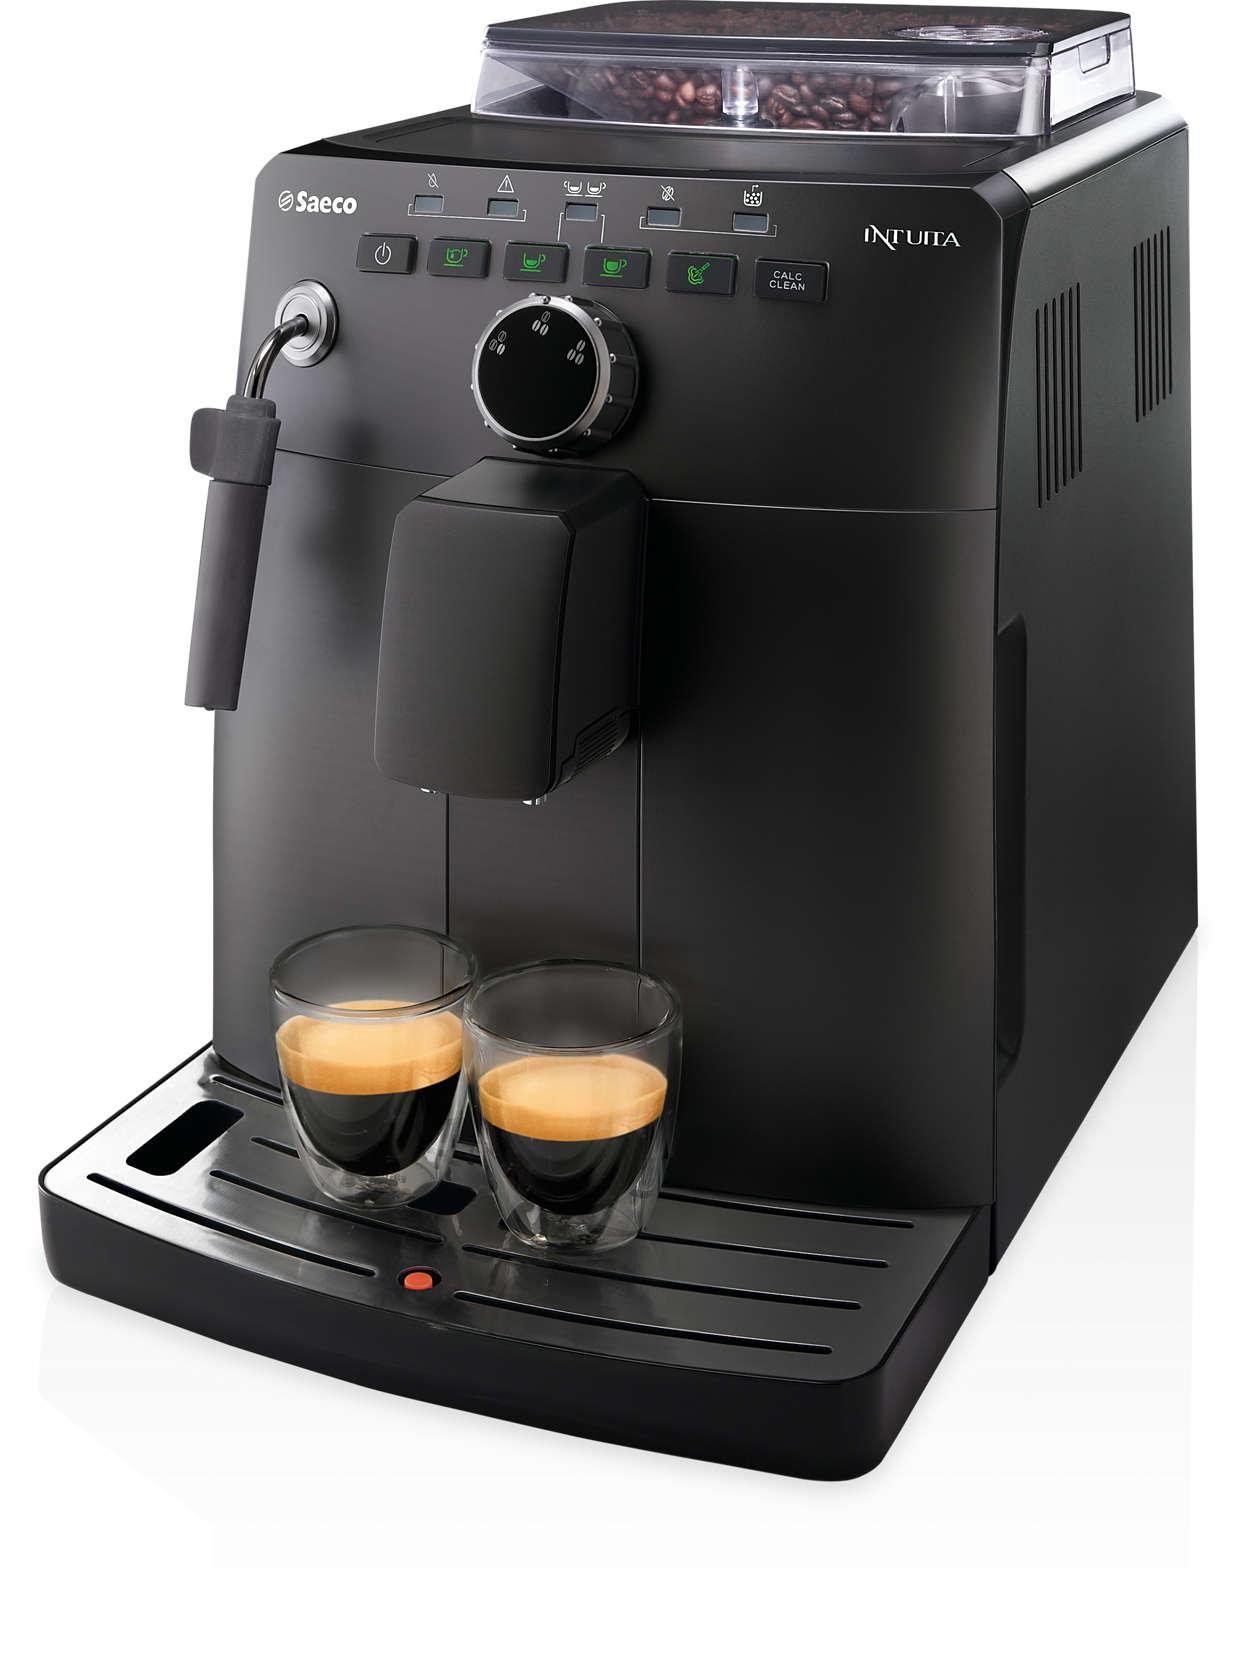 O café expresso de grãos frescos